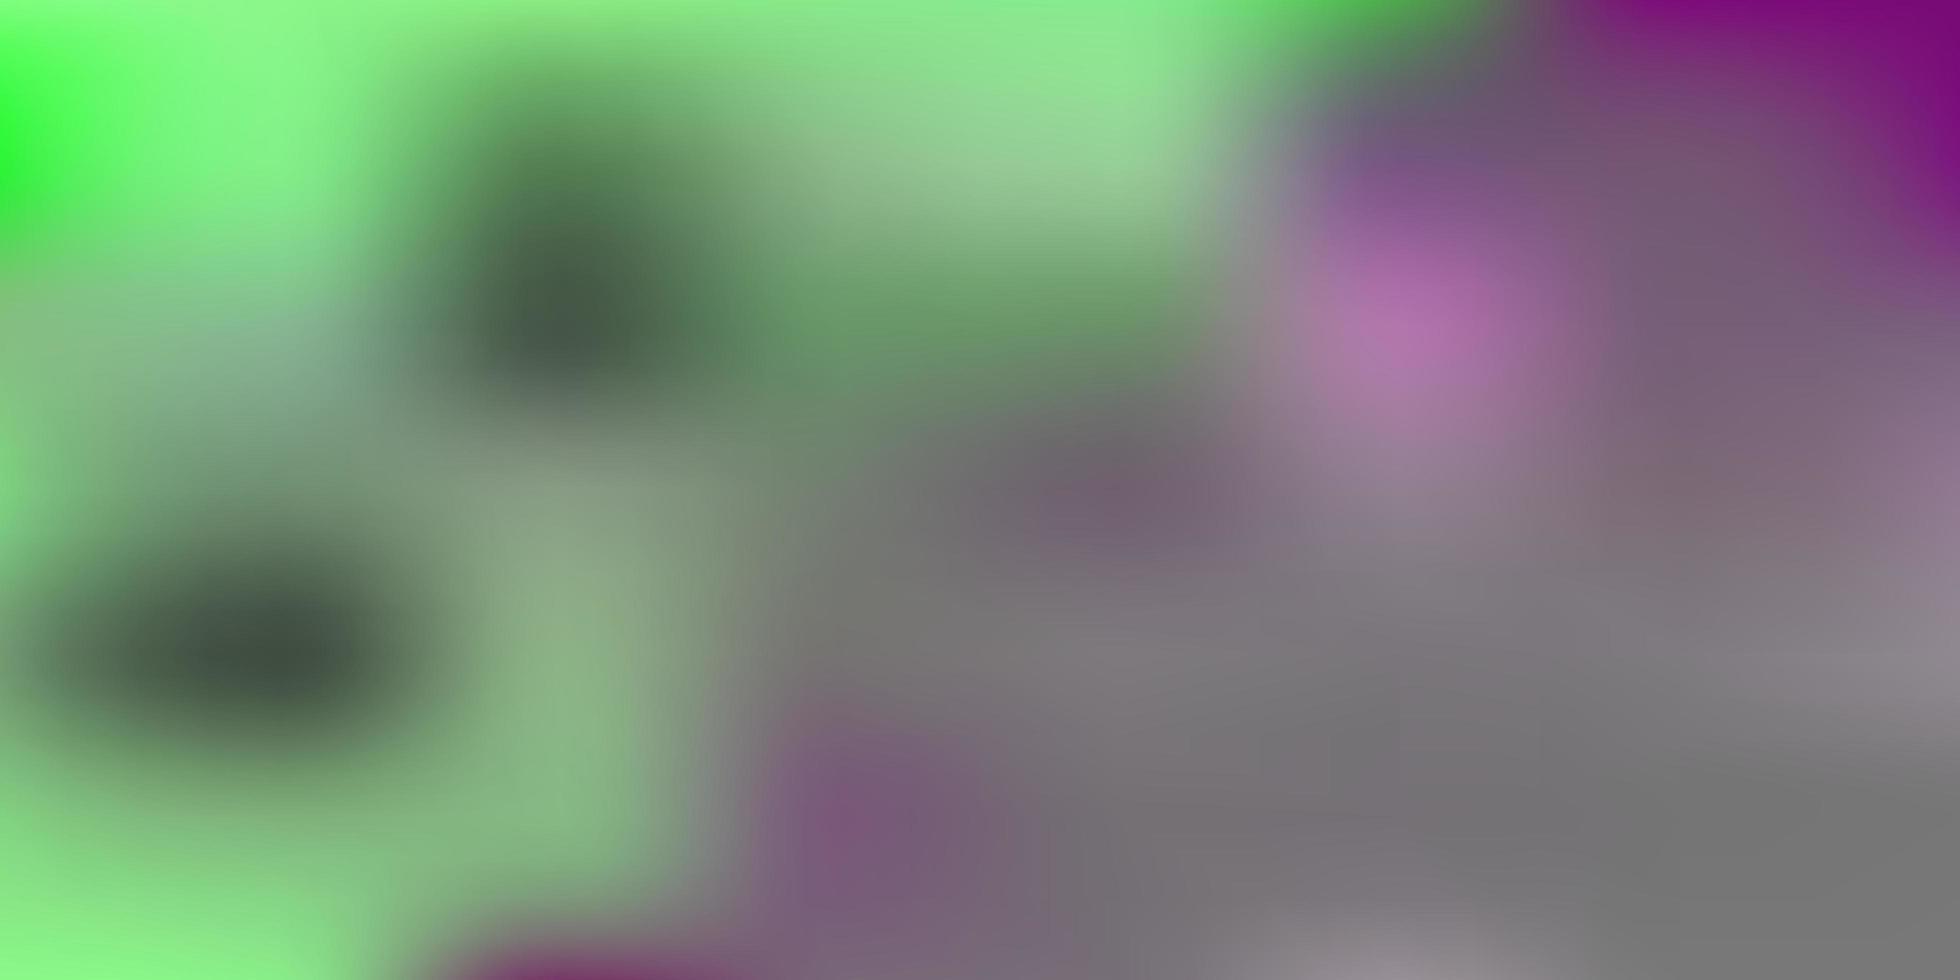 diseño de desenfoque degradado vectorial rosa claro. vector